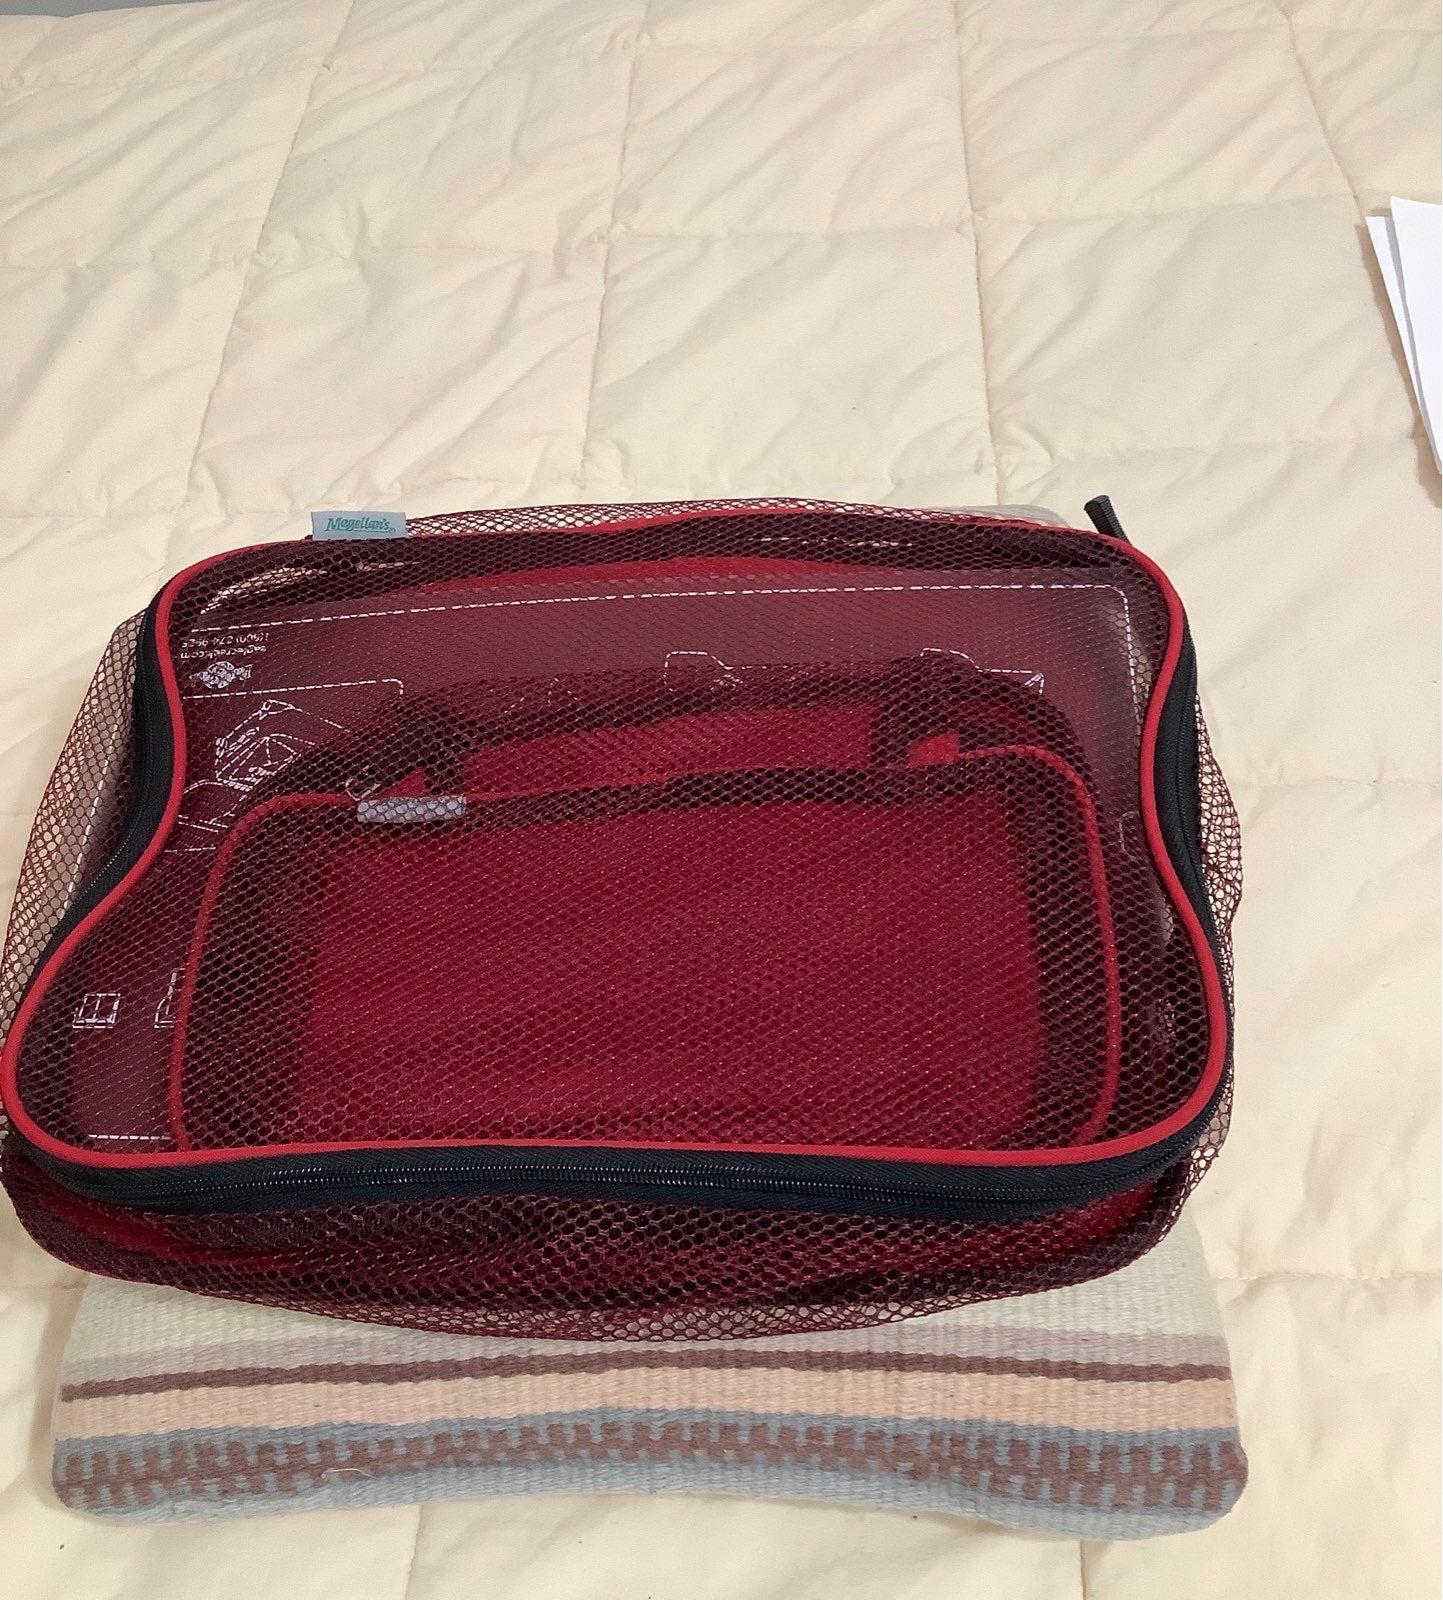 Magellan's set of 2 travel bags